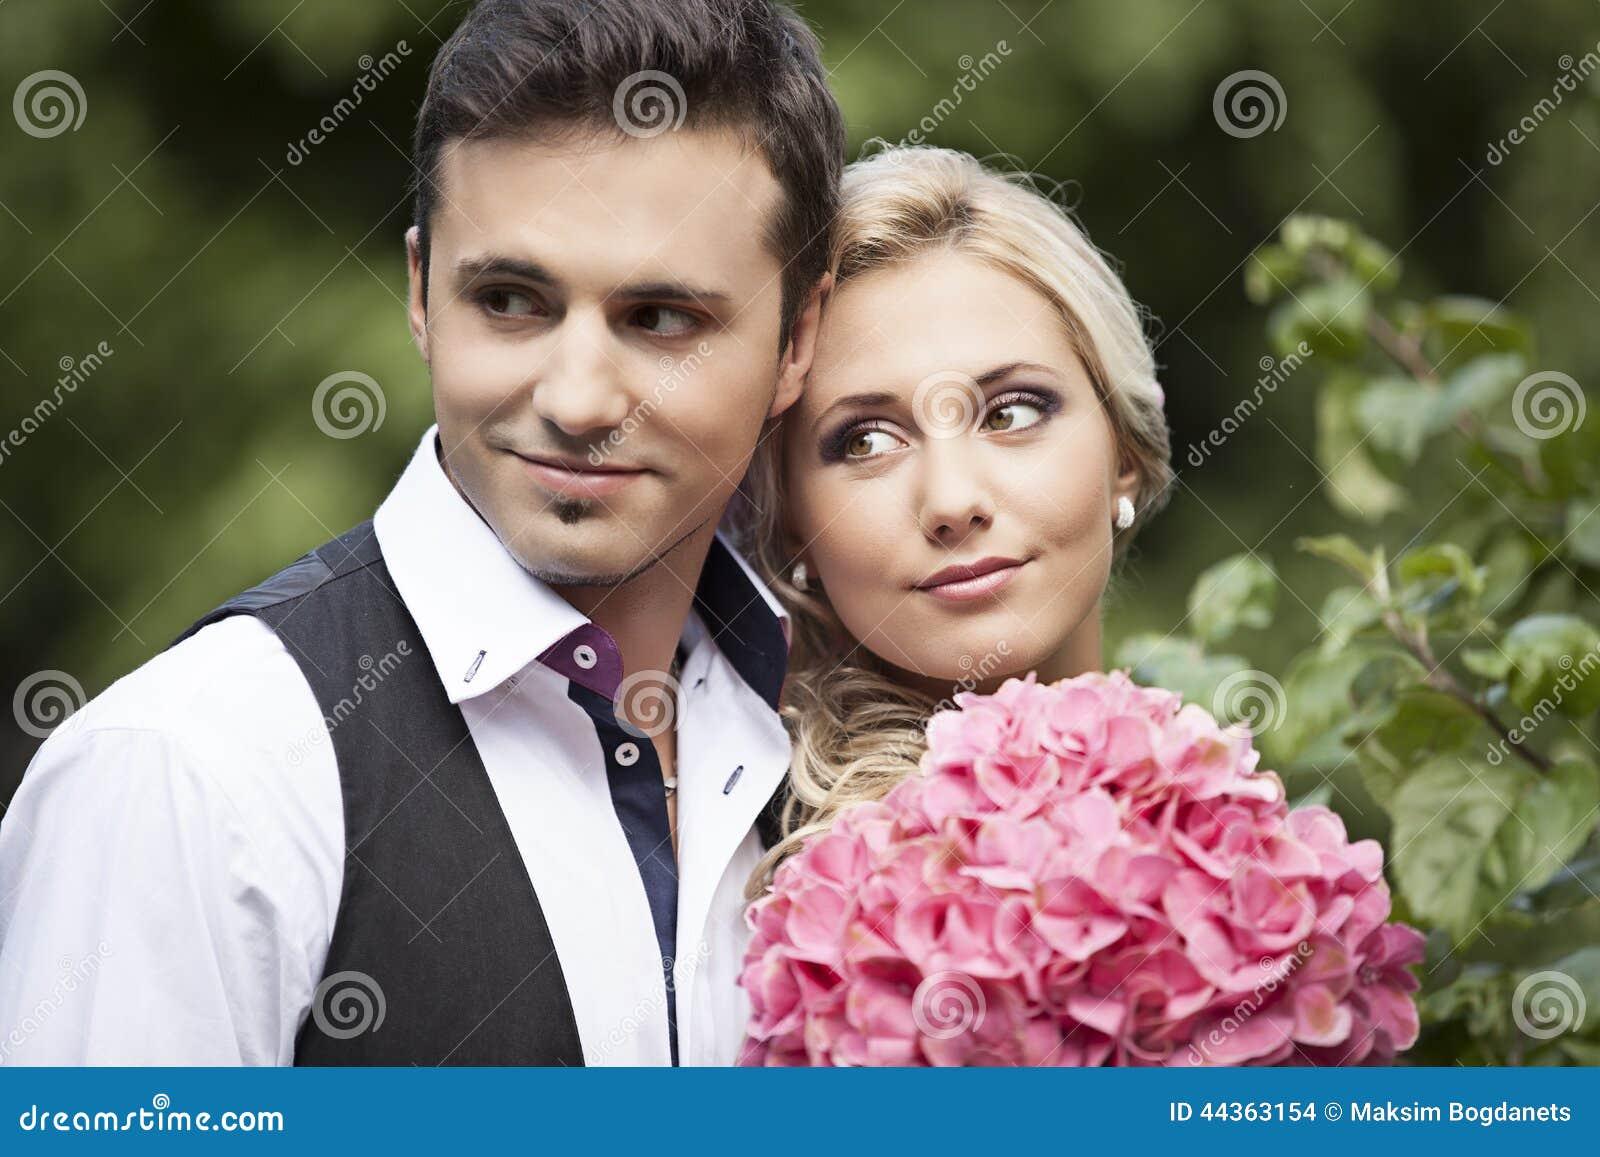 Heirats, glücklicher junger Mann und Frauenfeiern